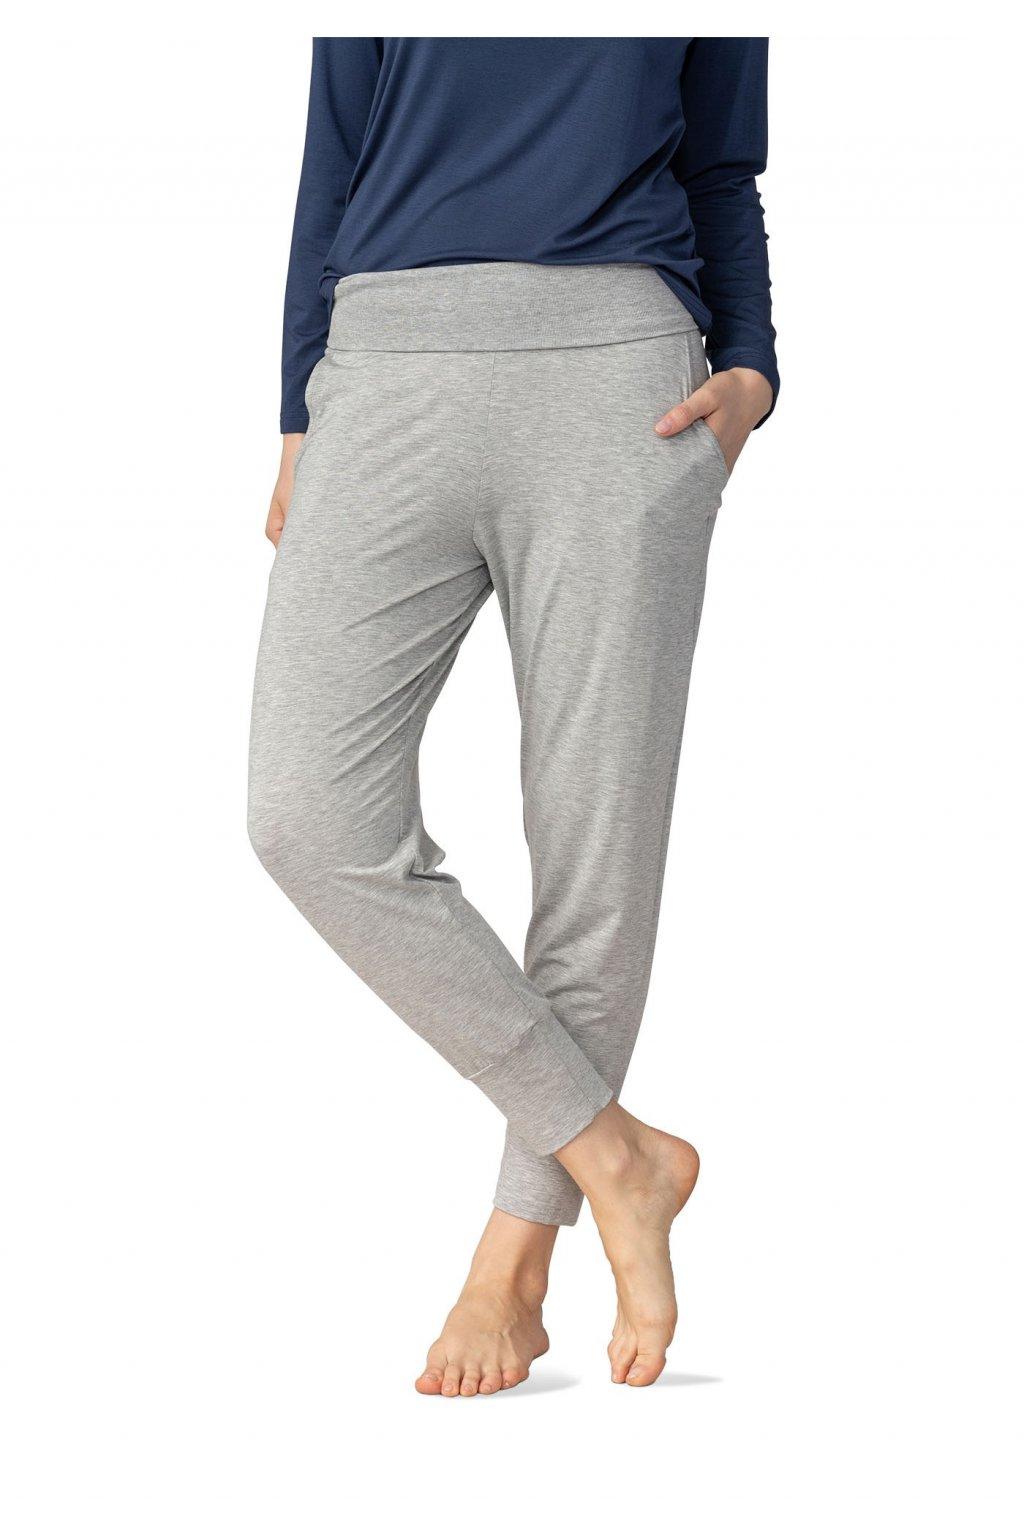 Dámske teplákové nohavice Mey 16017